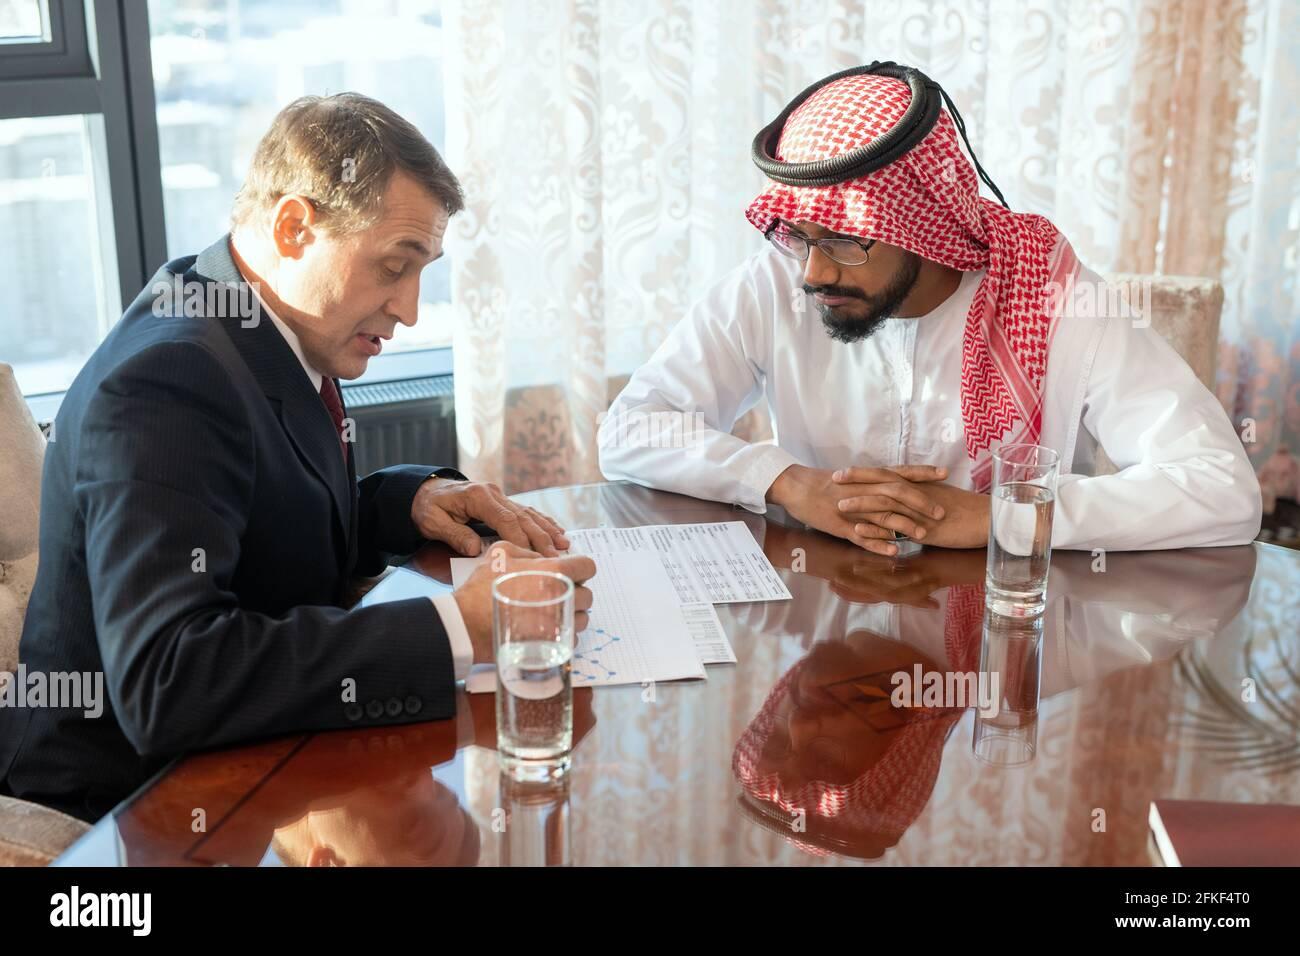 Deux délégués masculins assis à une table et discutant des documents lors de la réunion de travail Banque D'Images